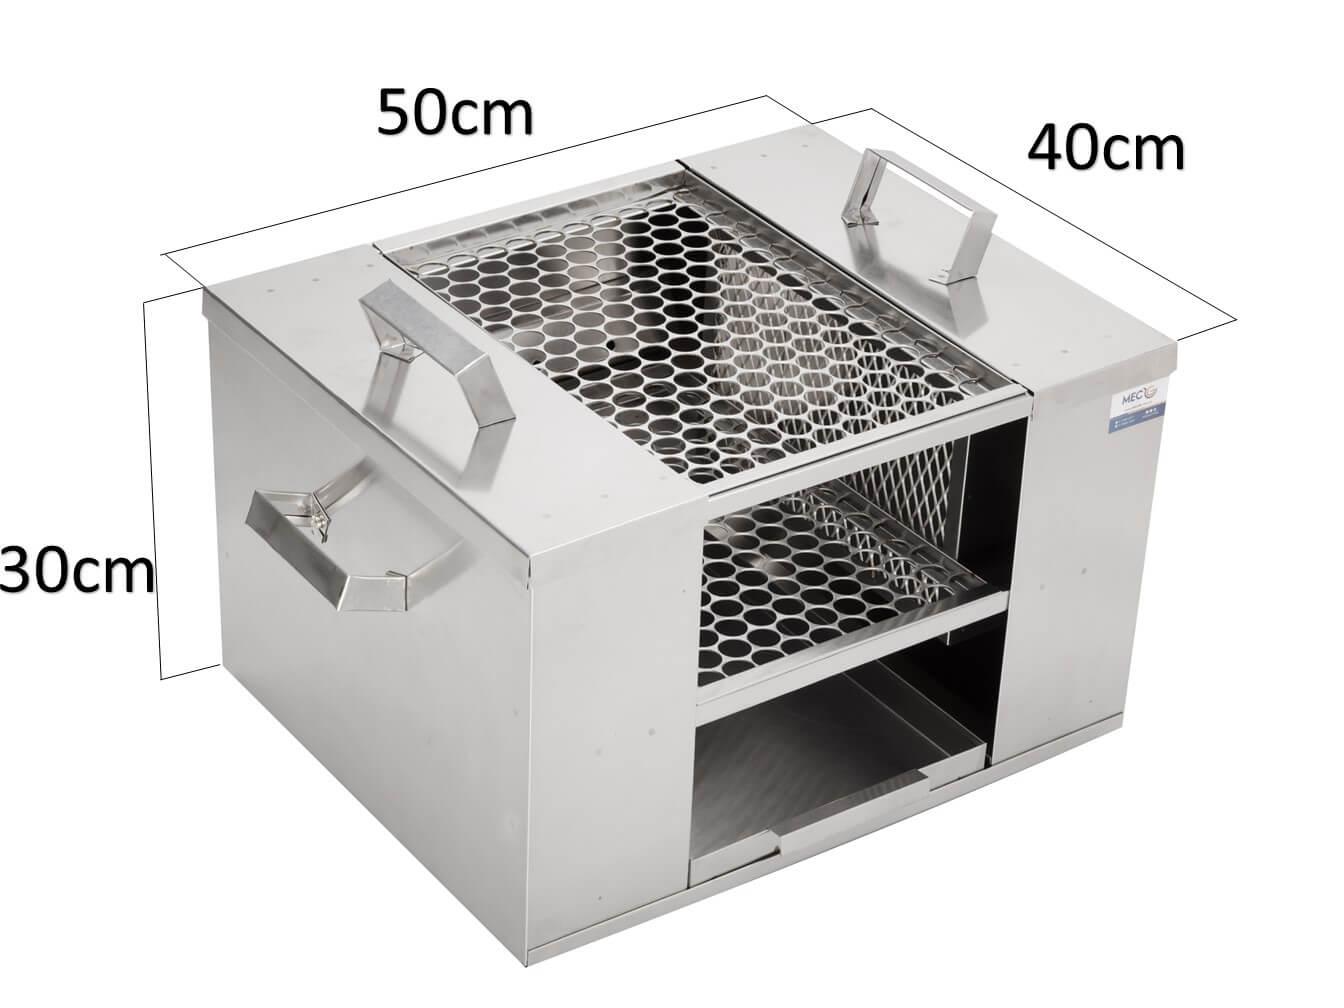 Churrasqueira Para Apartamento Ecológica Sem Fumaça De Embutir 50 cm x 40 cm Aço Inox